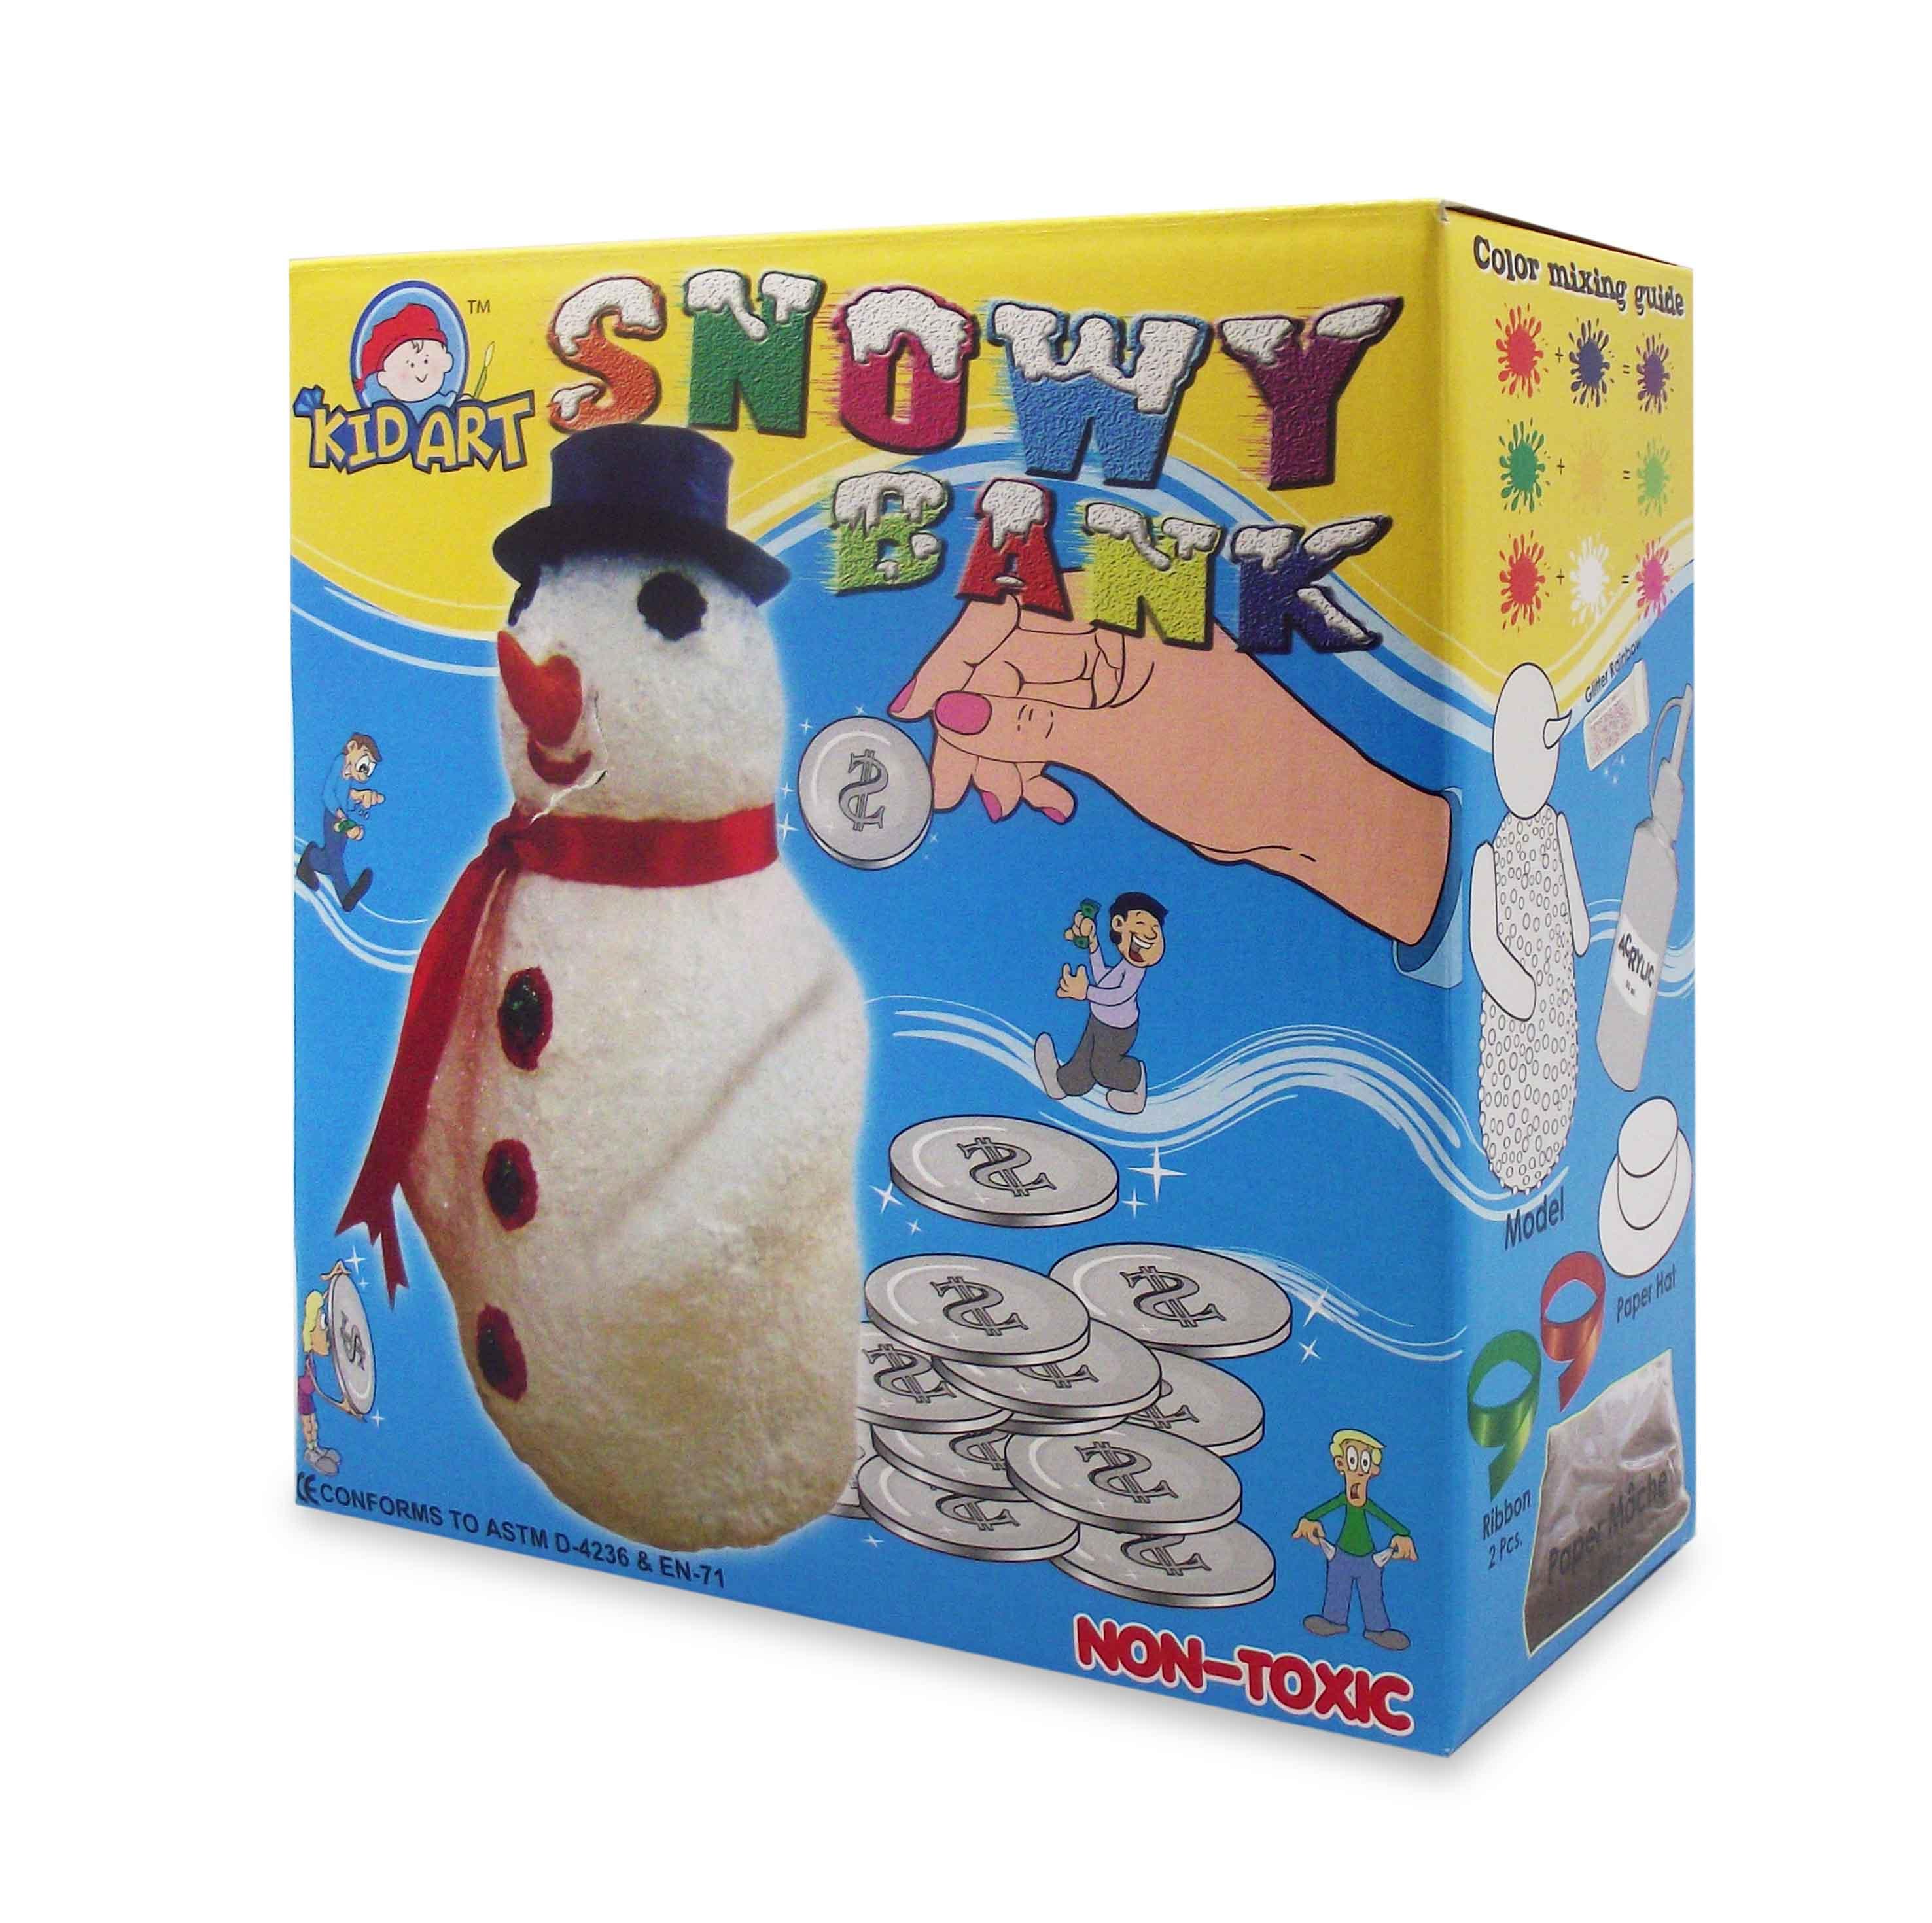 ชุดประดิษฐ์ ออมสินตุ๊กตาหิมะ (D.I.Y Paper Mache Snowy Bank)